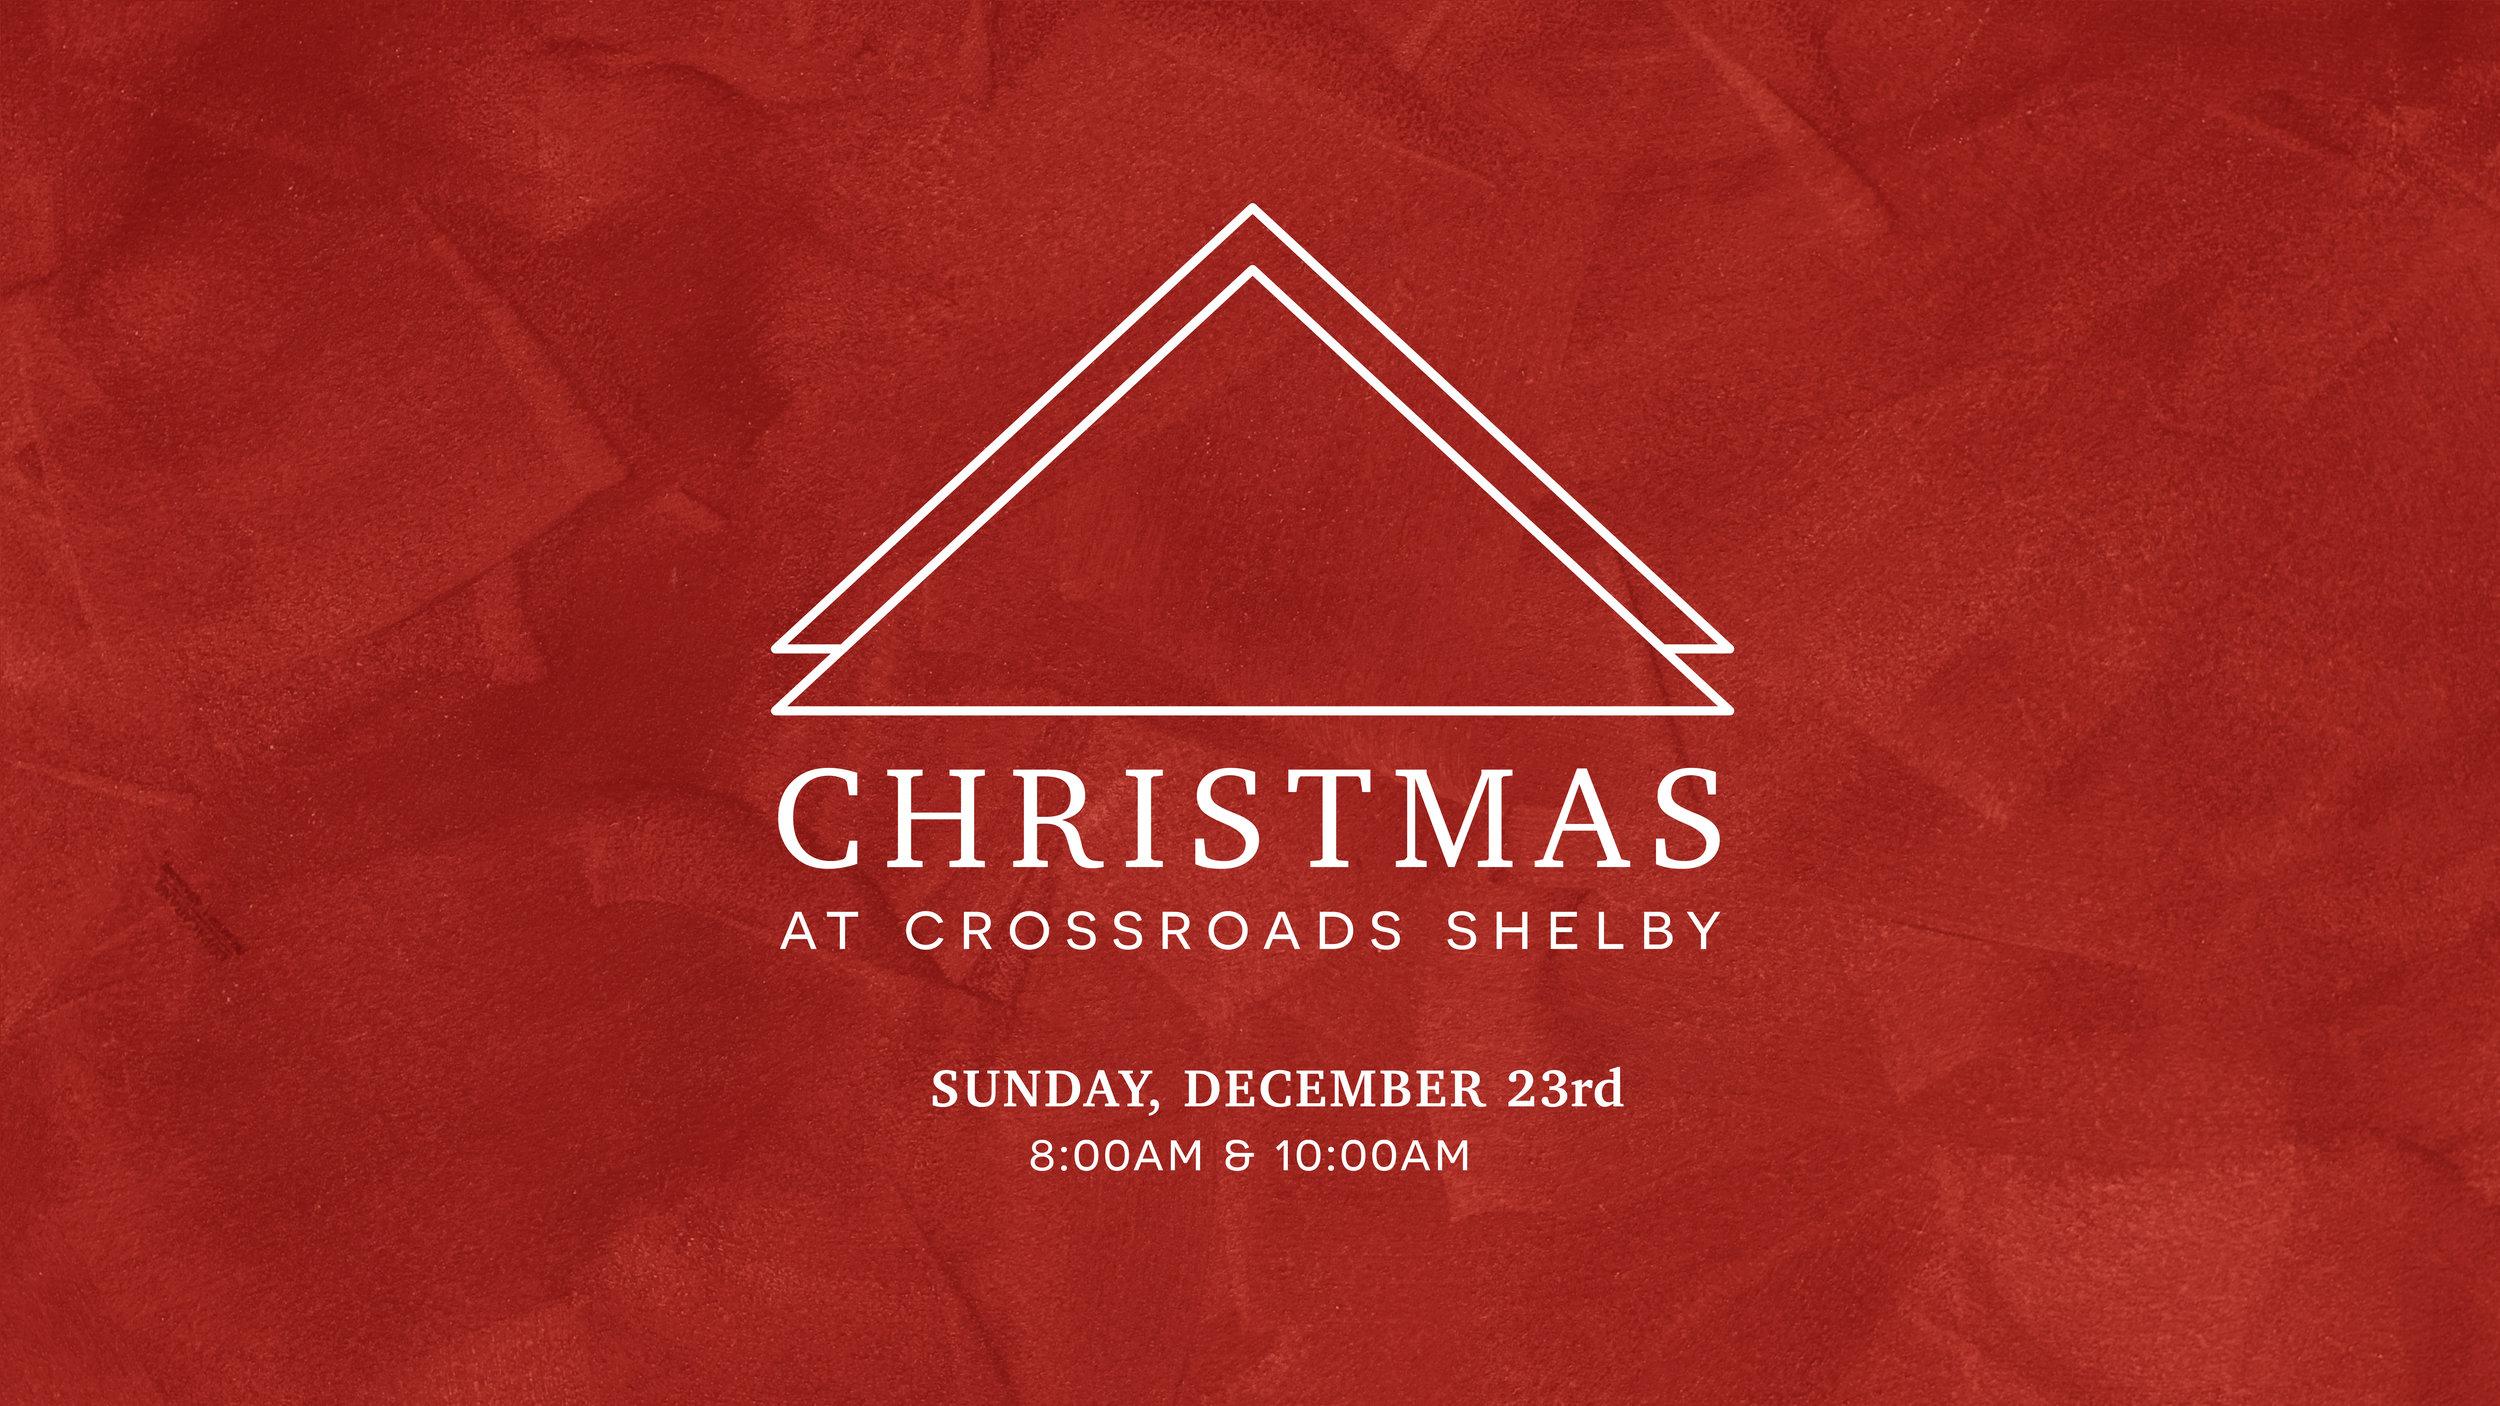 ChristmasatCrossroadsShelby-01.jpg